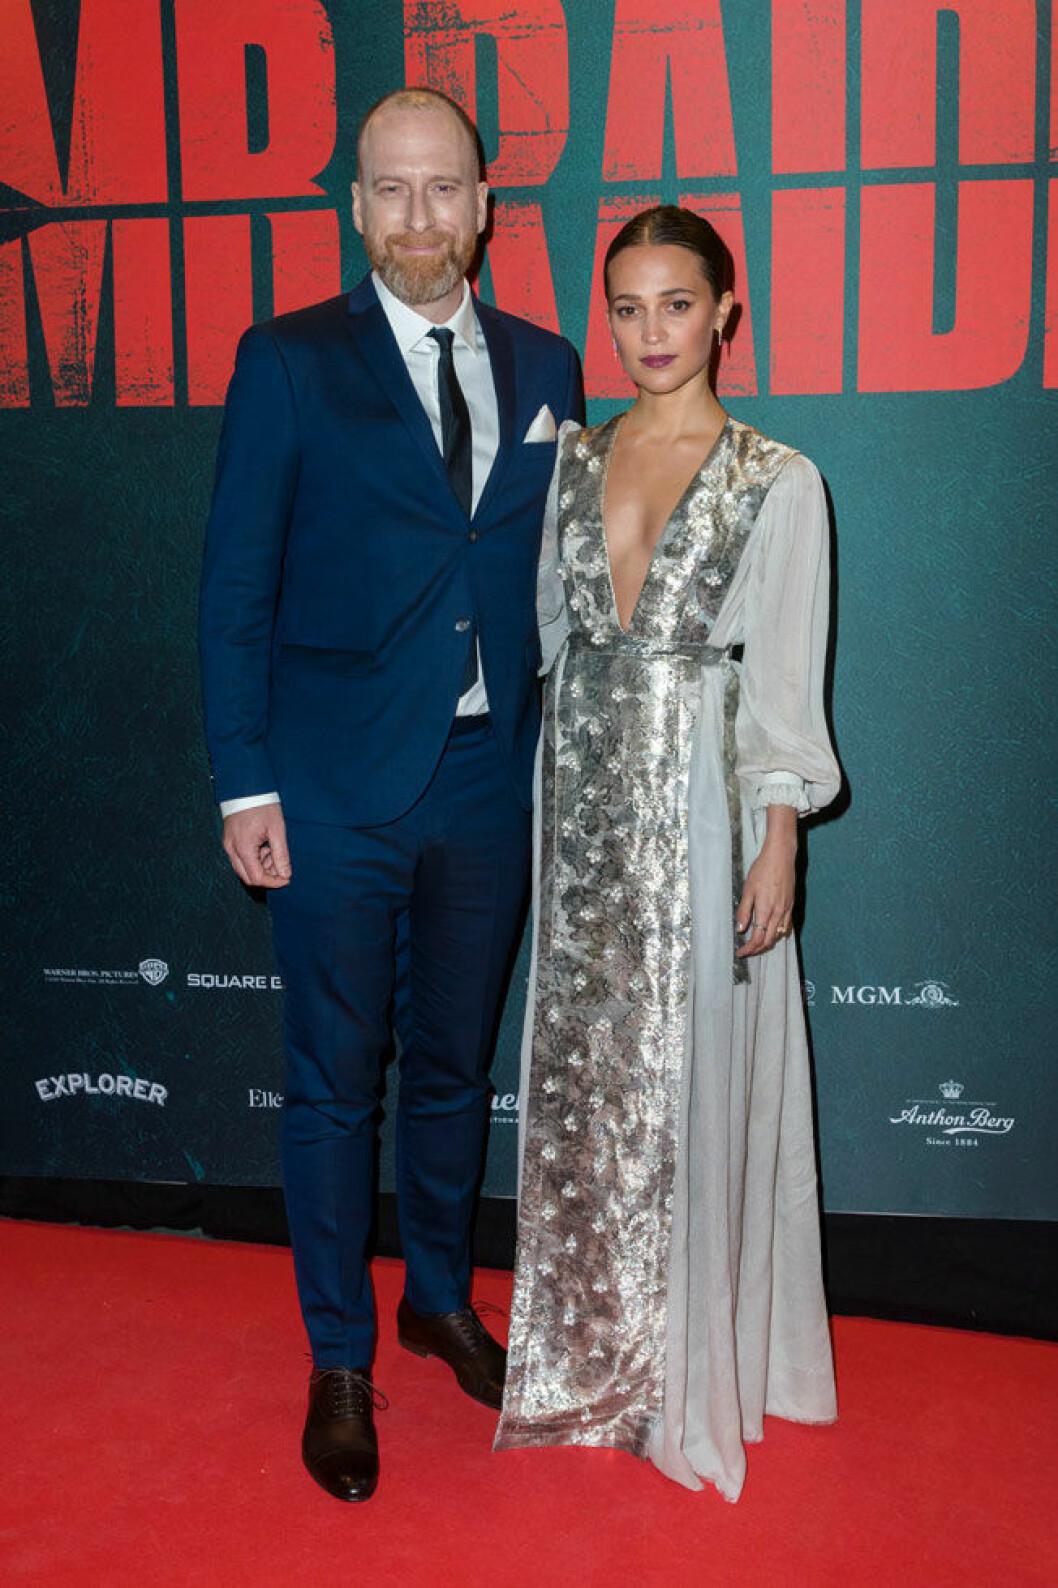 Alicia Vikander och regissören Roar Uthaug på galapremiären för Tomb Raider på Rigoletto